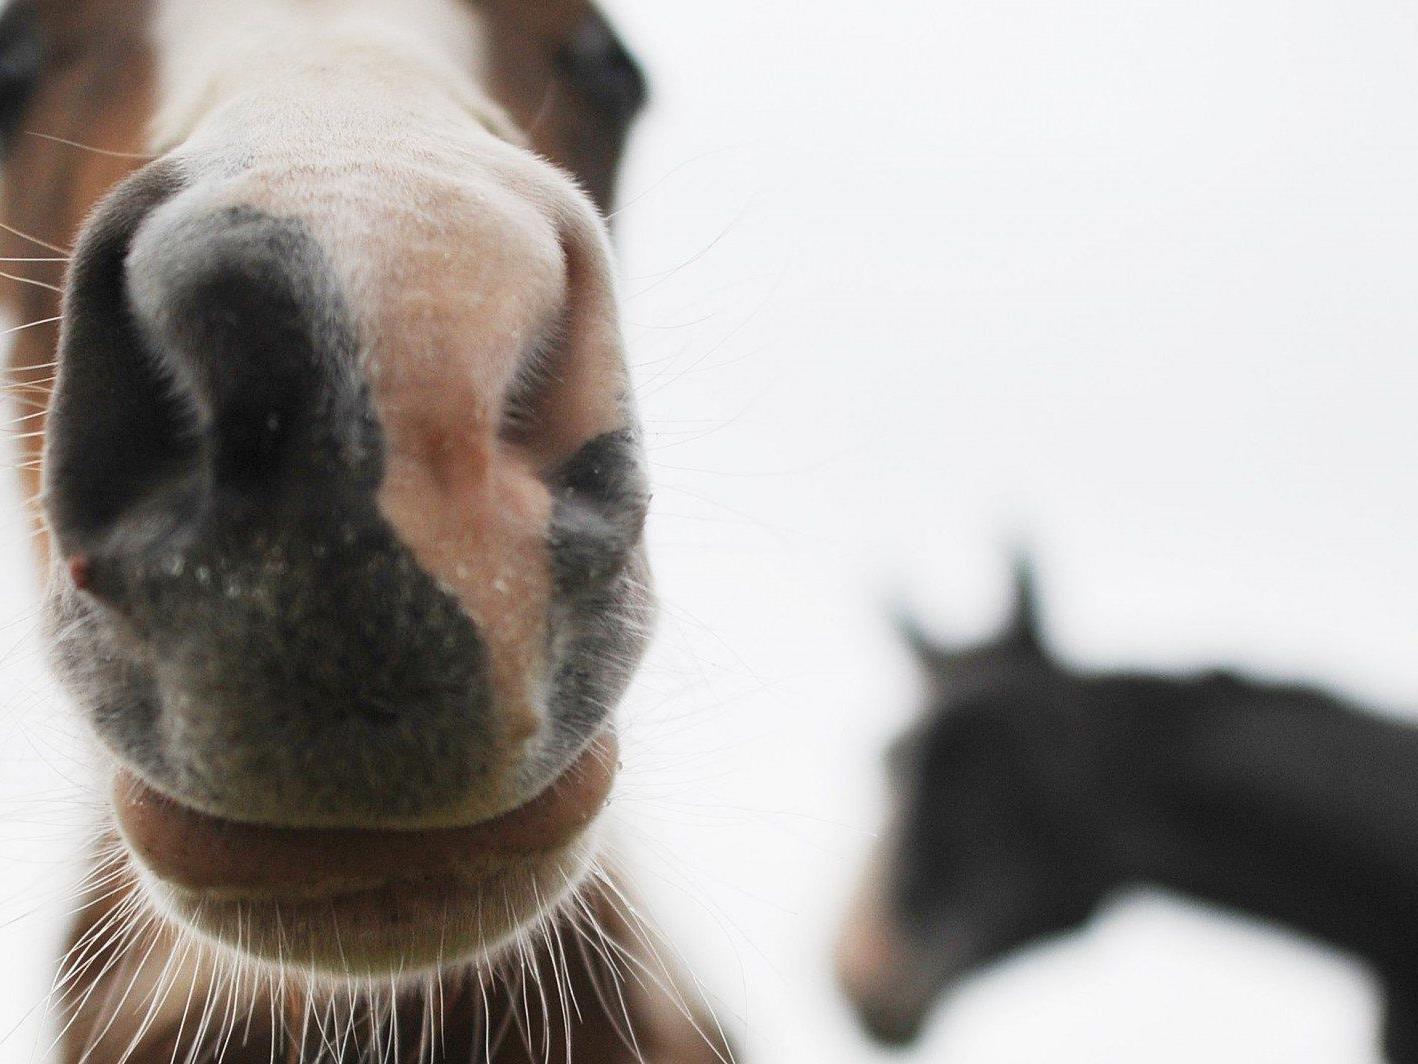 Im Burgenland wurde ein Pferd durch einen Unbekannten schwer verletzt.